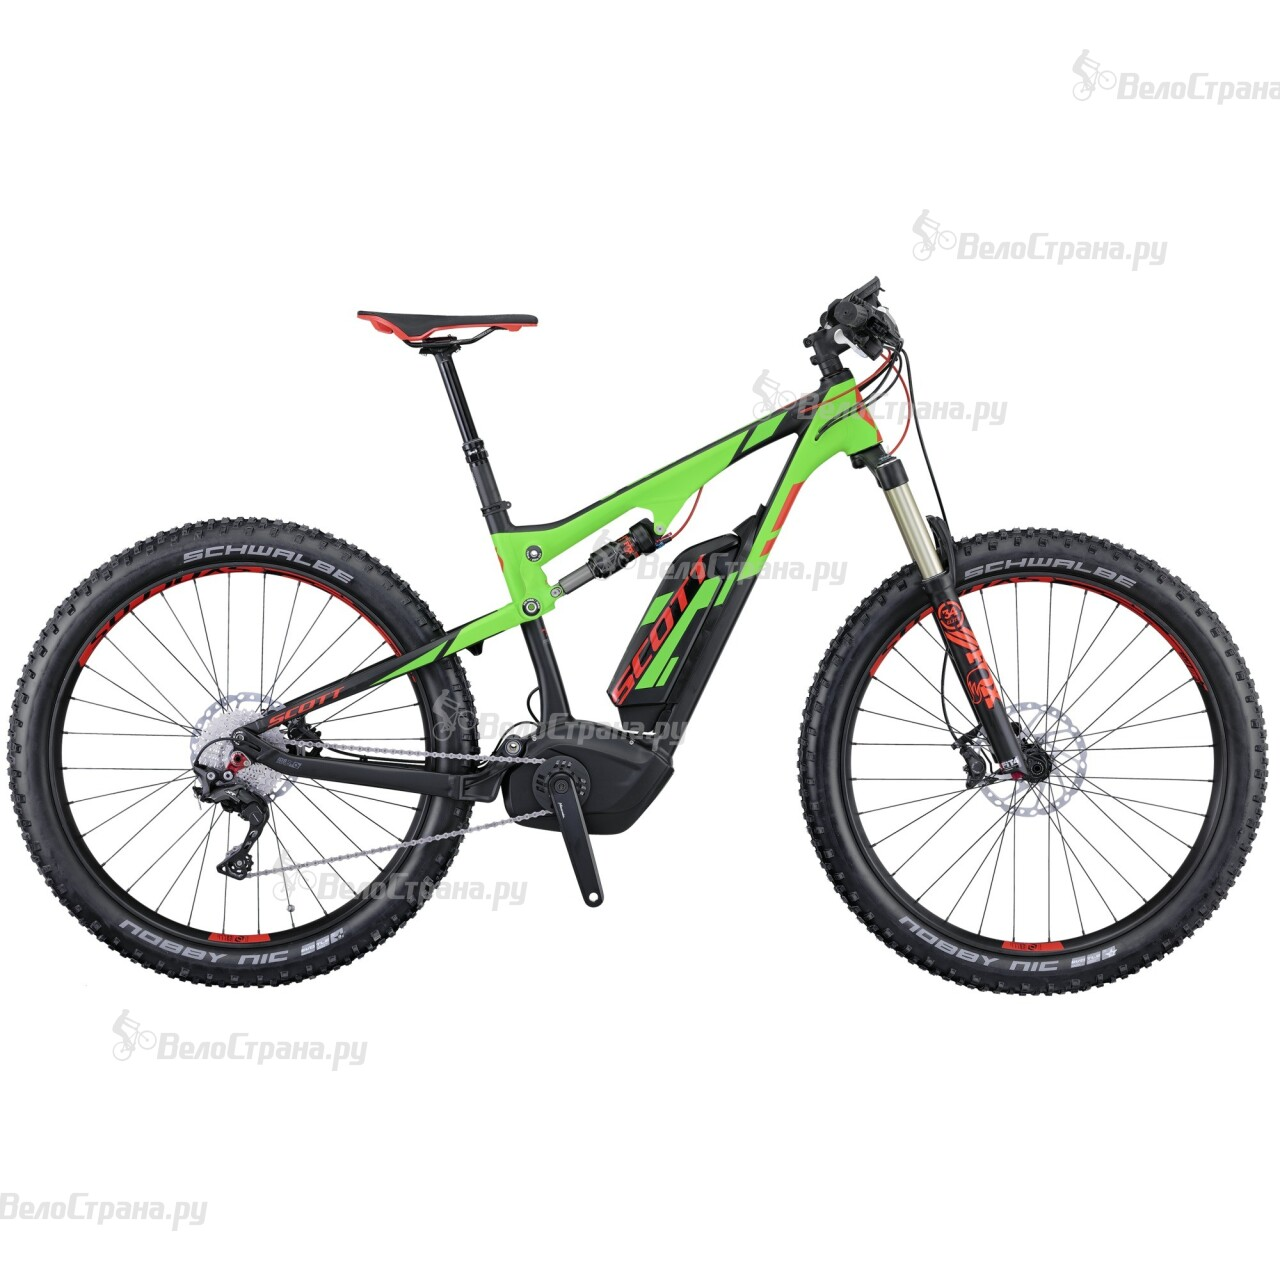 купить Велосипед Scott E-Genius 710 Plus (2016) недорого